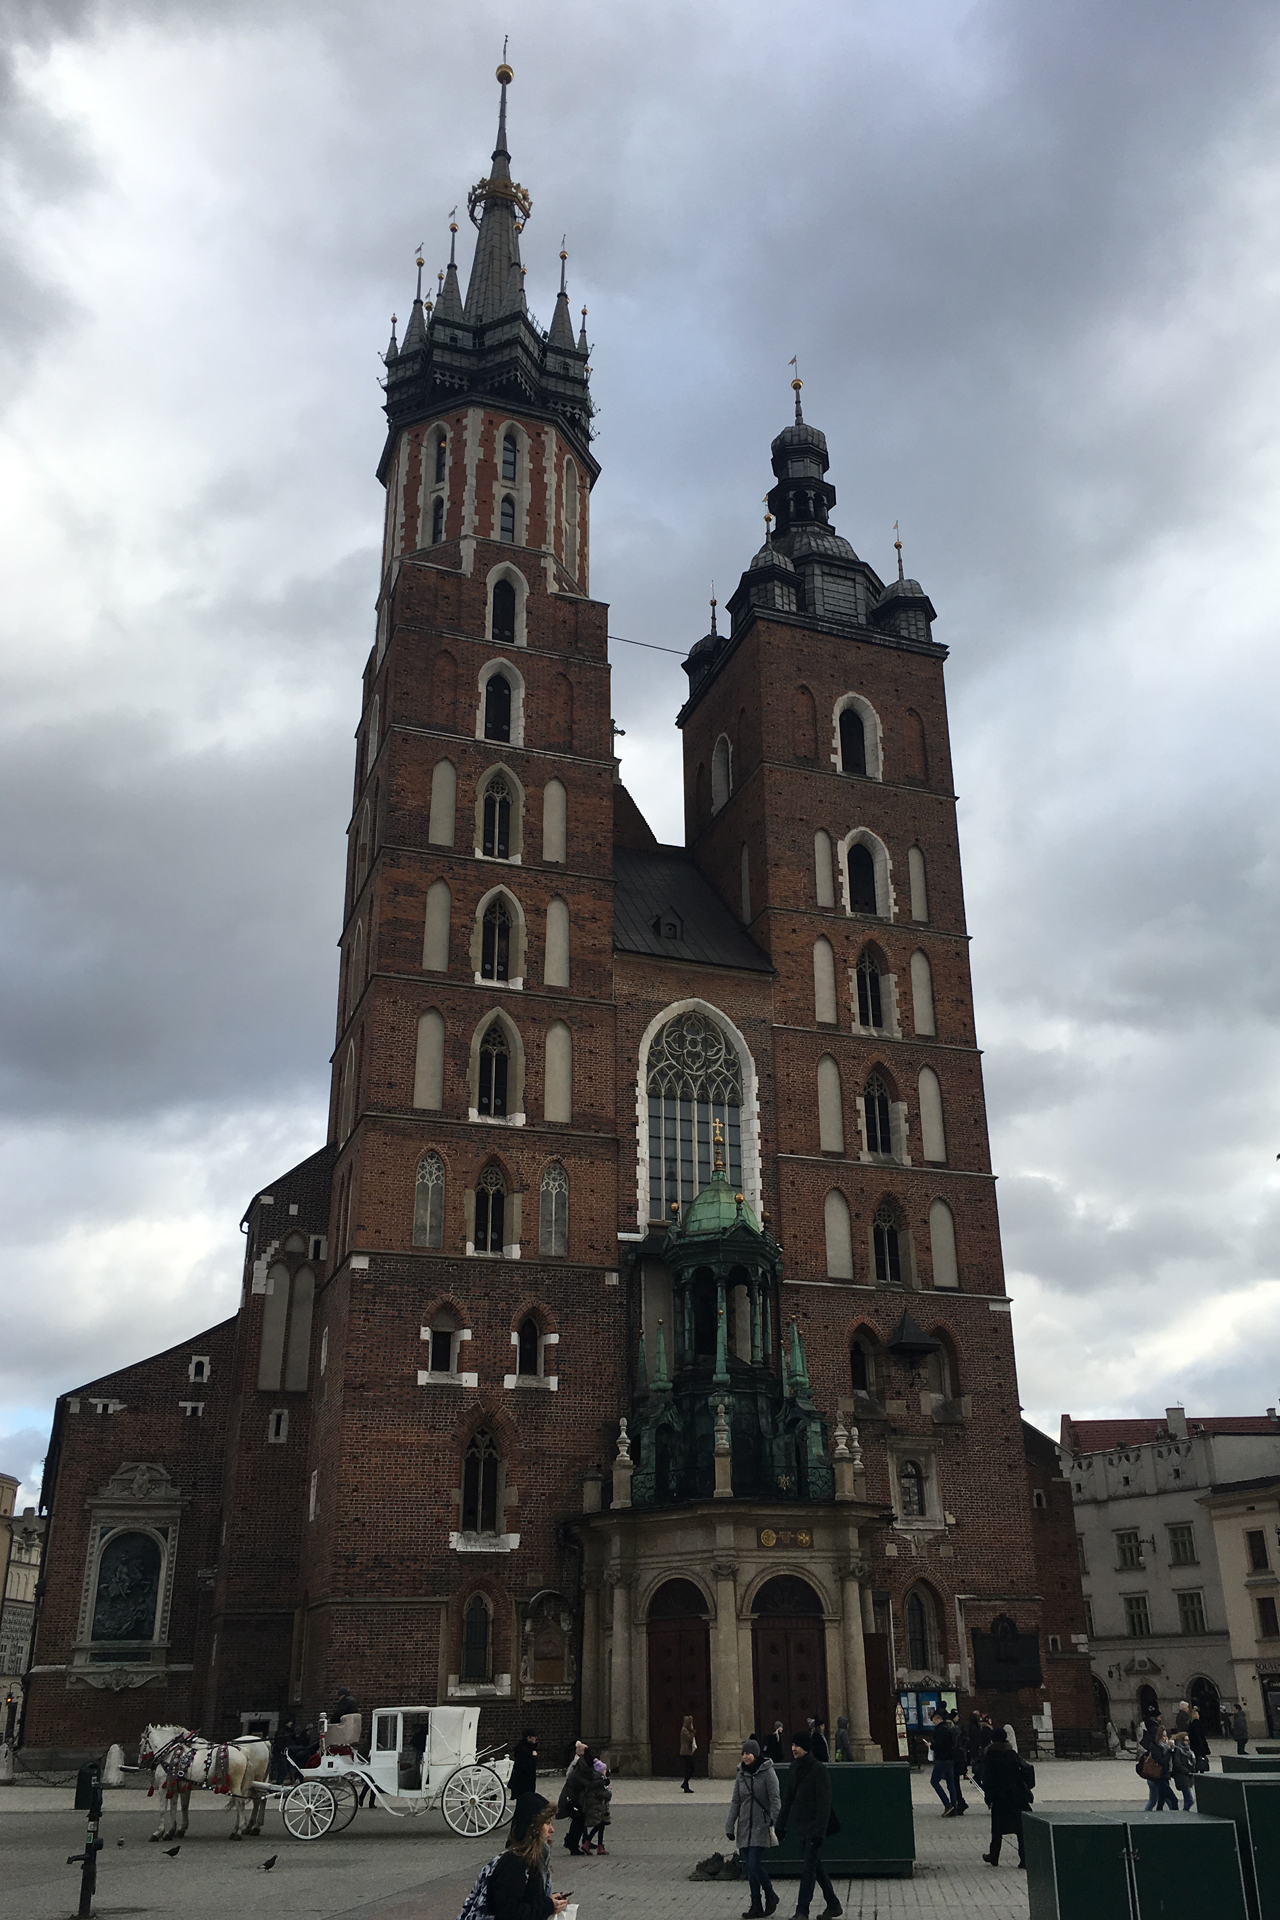 So wird man von der Basilika in Krakau empfangen. Die vielen Kutschen haben mich ein bisschen an Wien erinnert.